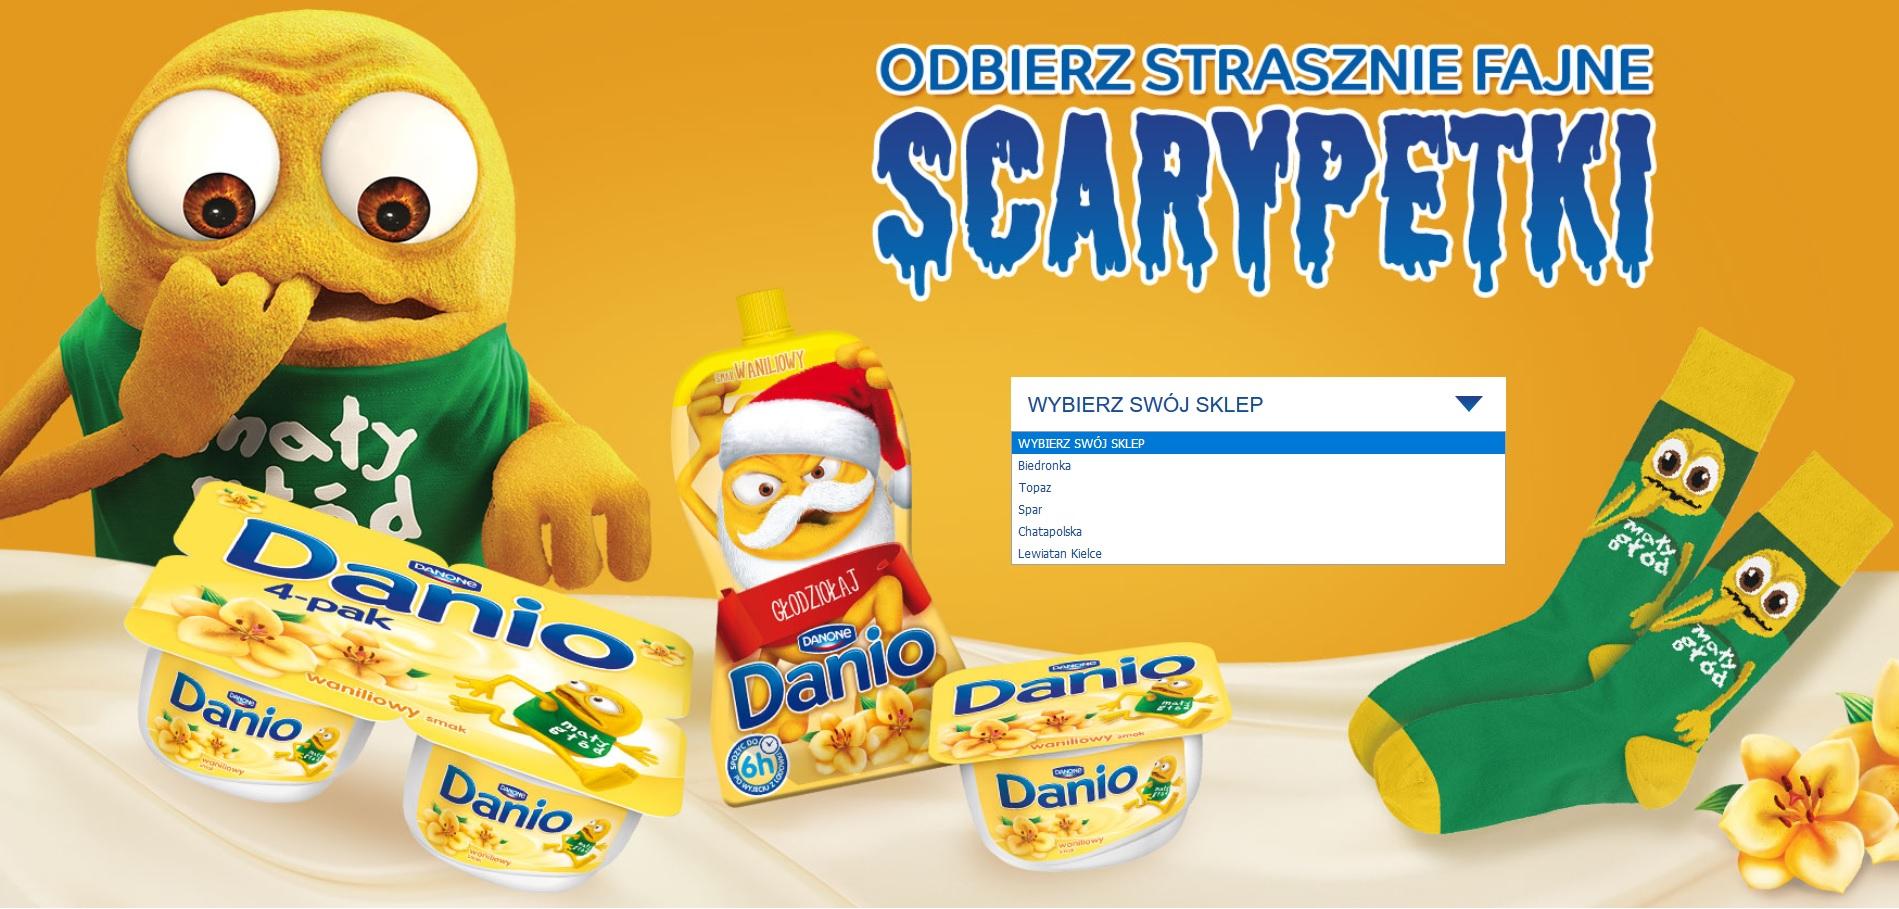 """Kup Danio i odbierz """"strasznie fajne scarypetki"""" @ Biedronka, Topaz, Spar, Chata Polska, Lewiatan"""